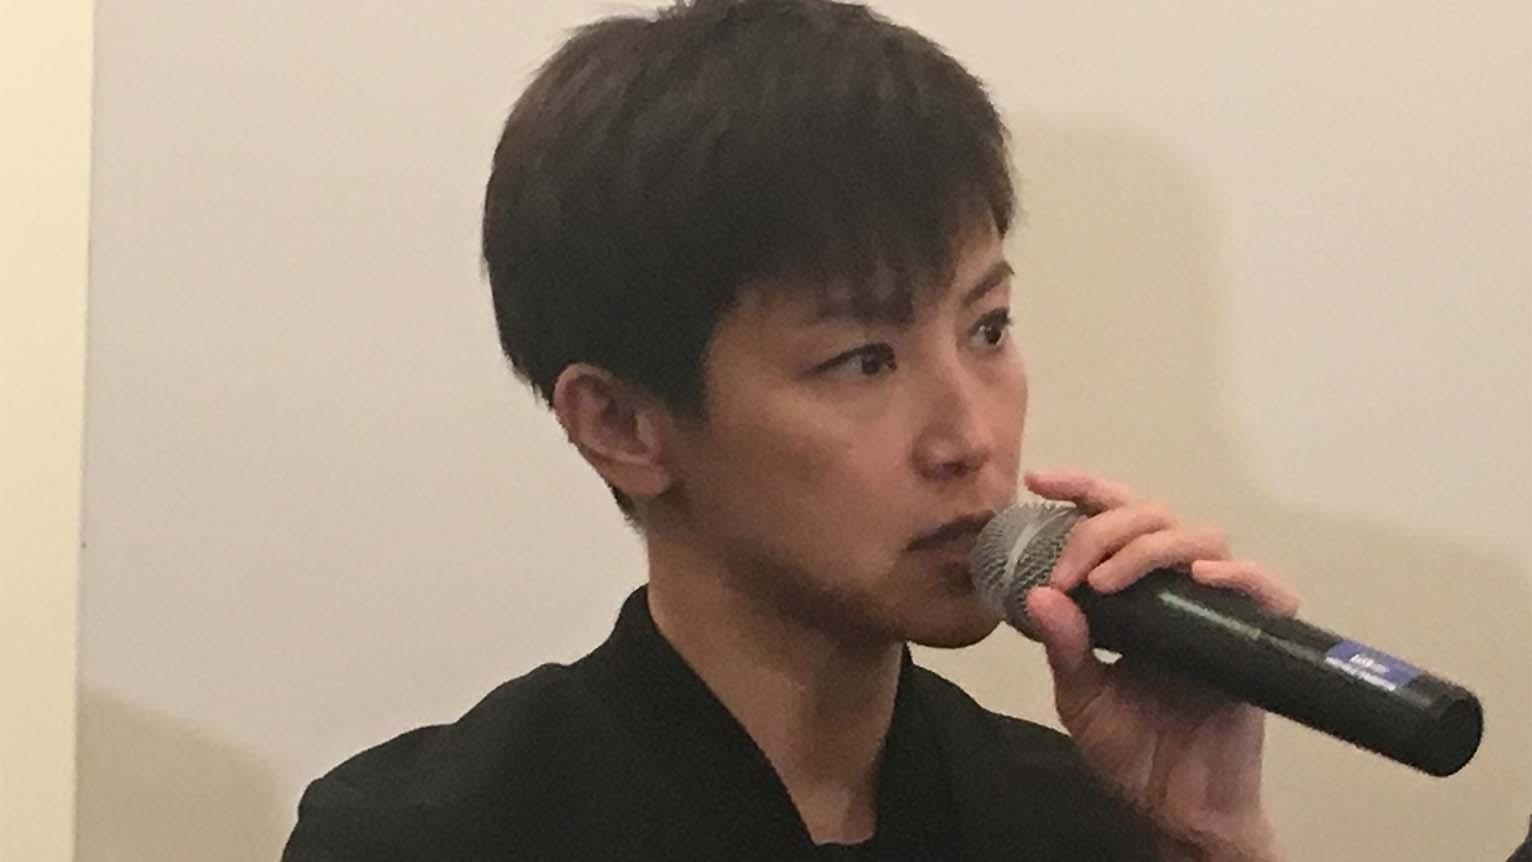 """2019年9月19日,独立歌手何韵诗在华盛顿出席""""全球台湾研究所""""举办的的《分域大道》纪录片放映会,呼吁香港和台湾急需团结一致,捍卫自由民主。(薛小山摄影)"""